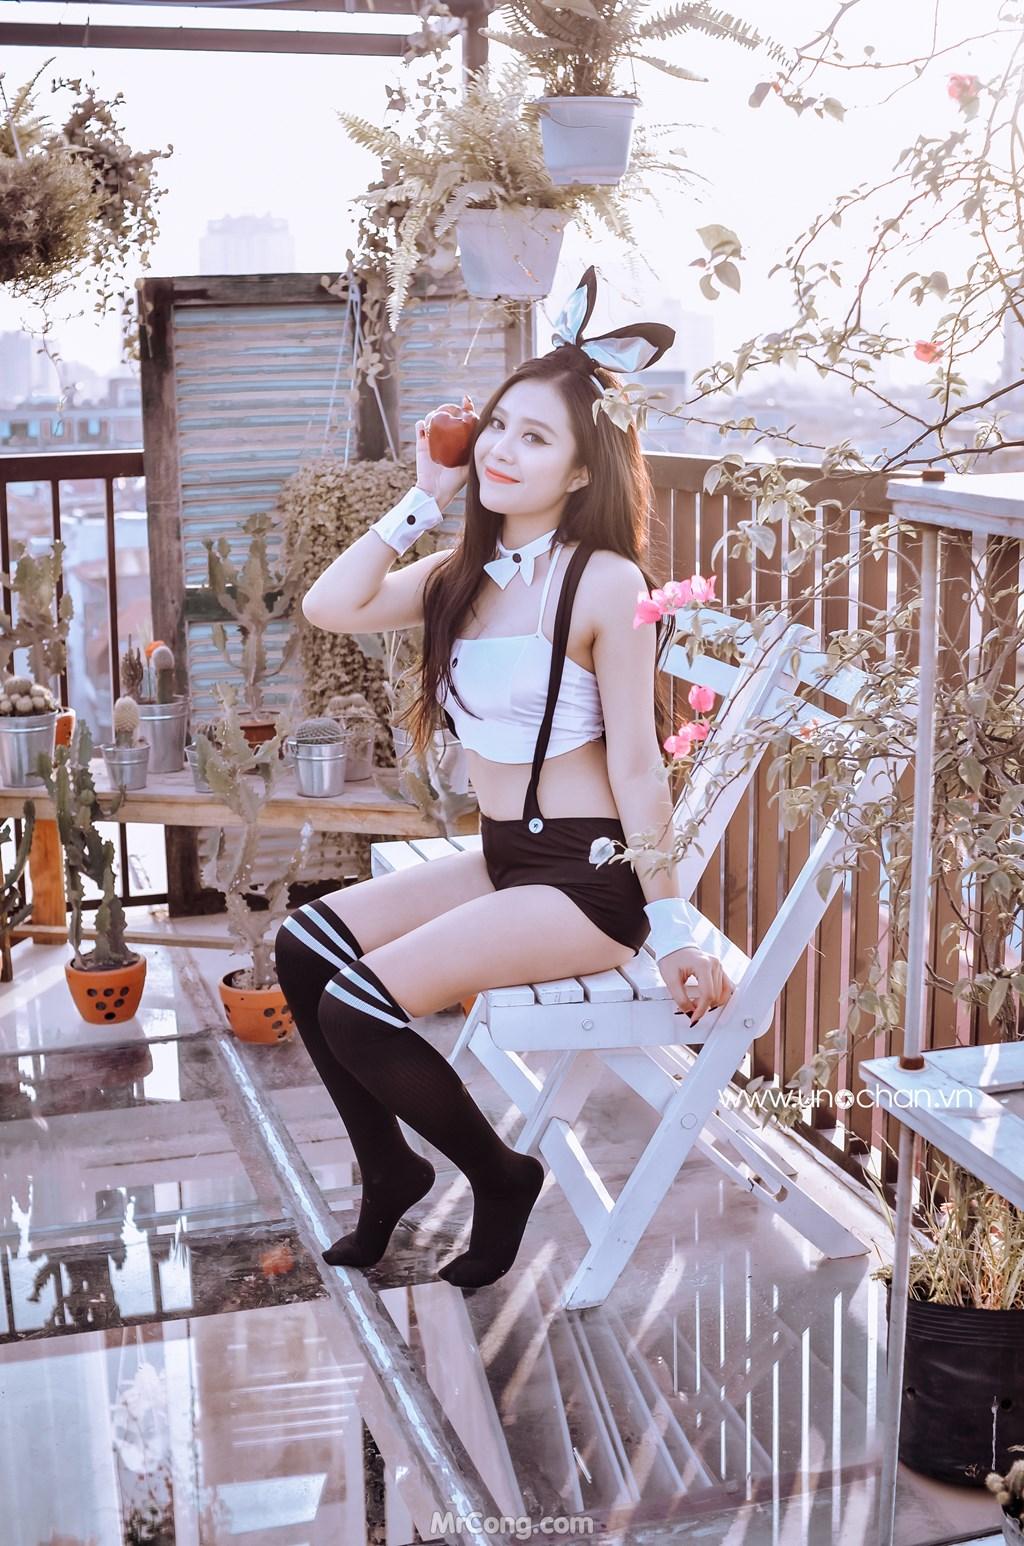 Image Vietnamese-Girls-by-Chan-Hong-Vuong-Uno-Chan-MrCong.com-007 in post Gái Việt duyên dáng, quyến rũ qua góc chụp của Chan Hong Vuong (250 ảnh)